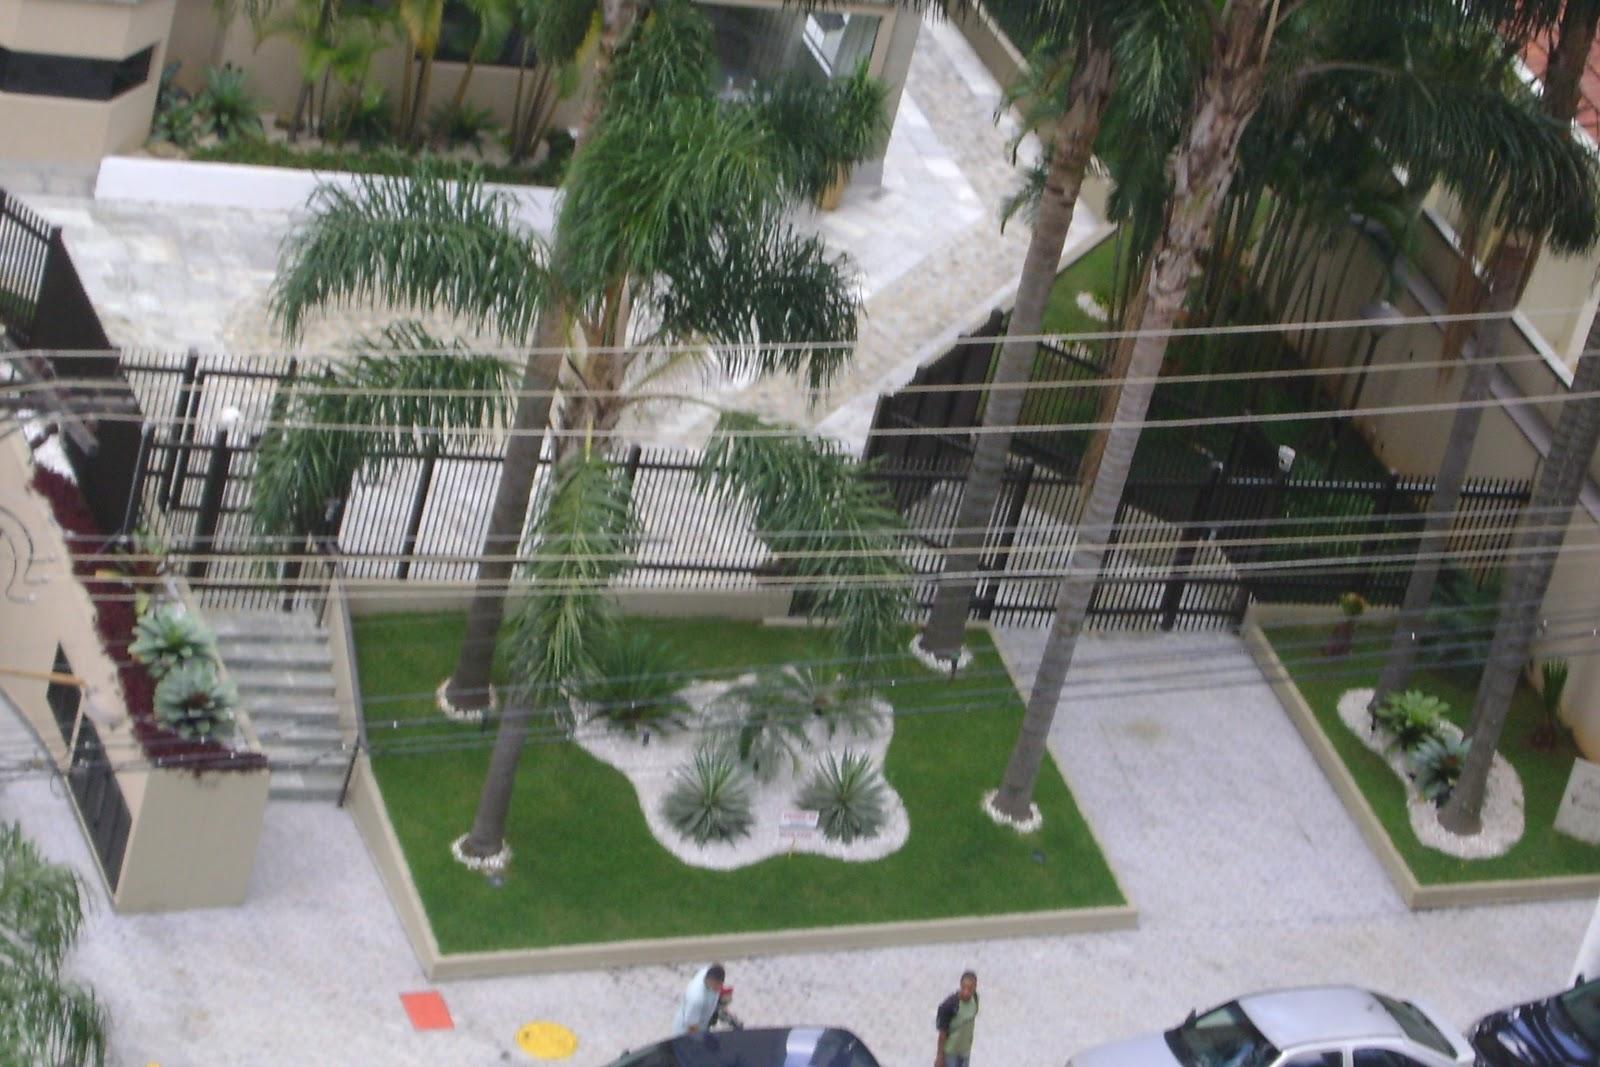 plantas jardim tropical: paisagístico com predominância de espécies de plantas Tropicais